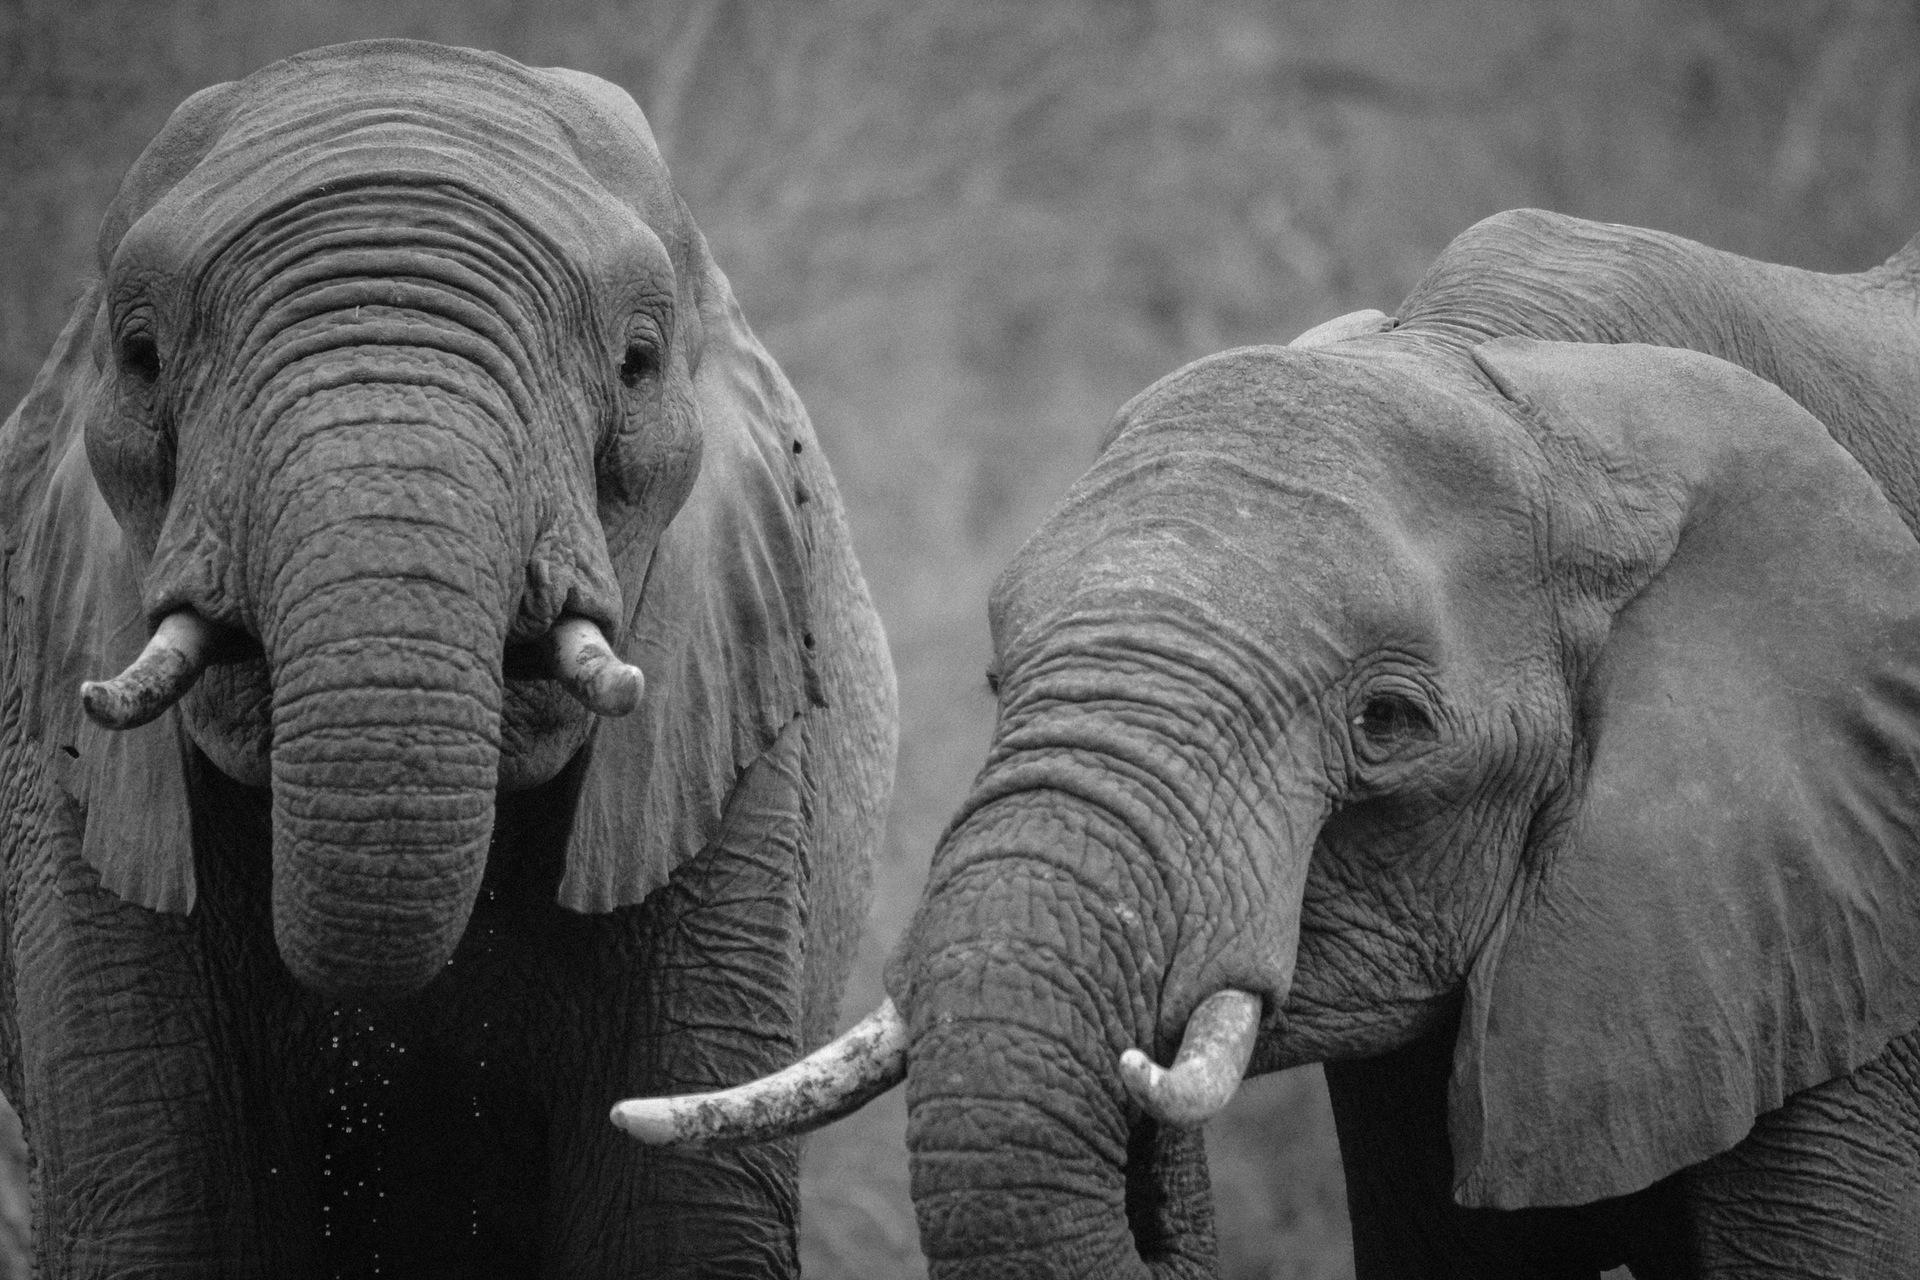 elefantes, casal, safári, áfrica, em preto e branco - Papéis de parede HD - Professor-falken.com